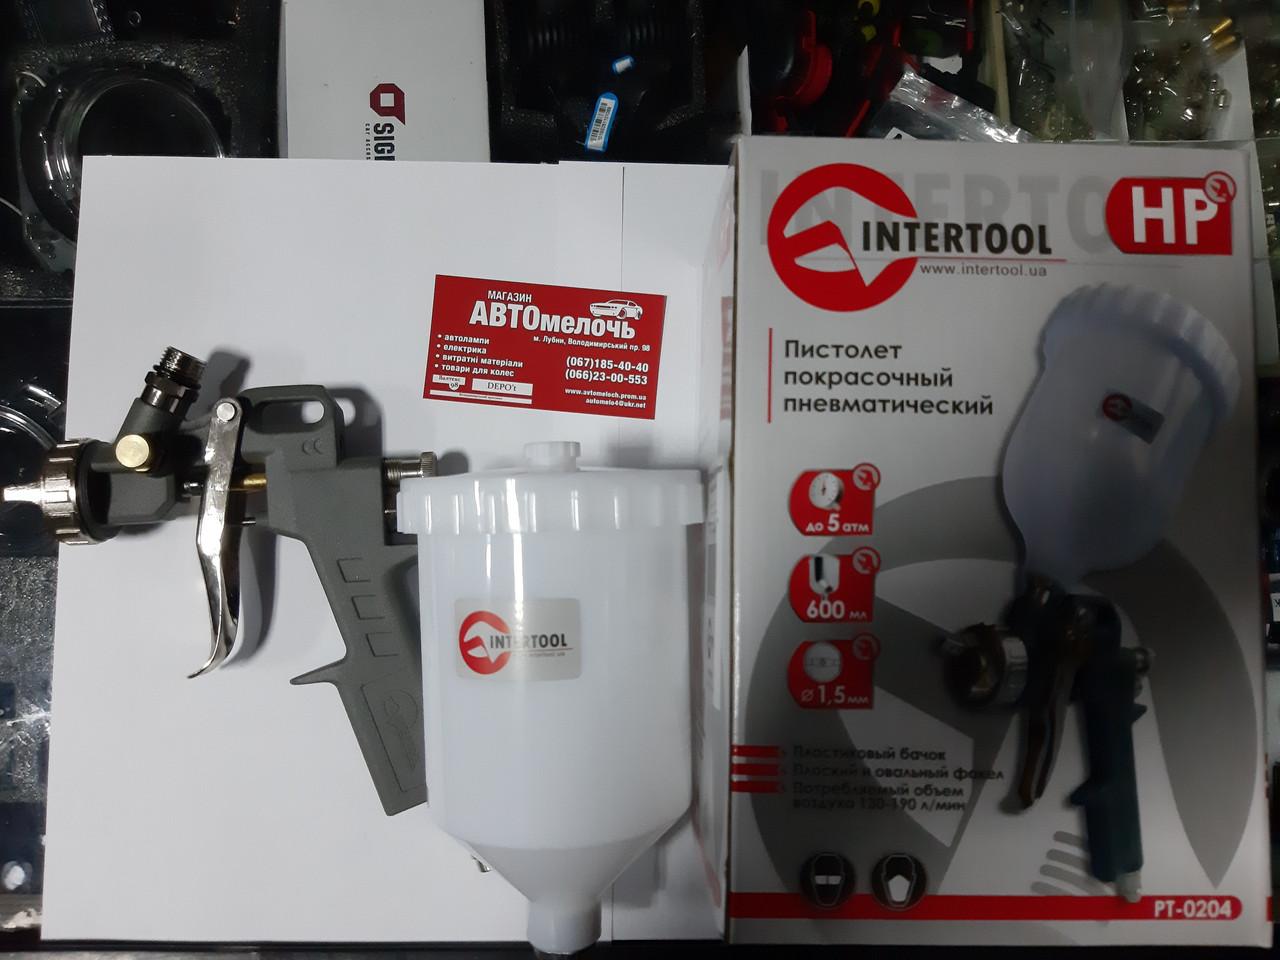 Пистолет лакокрасочный пневматический (Пуливизатор) пр-во Intertool